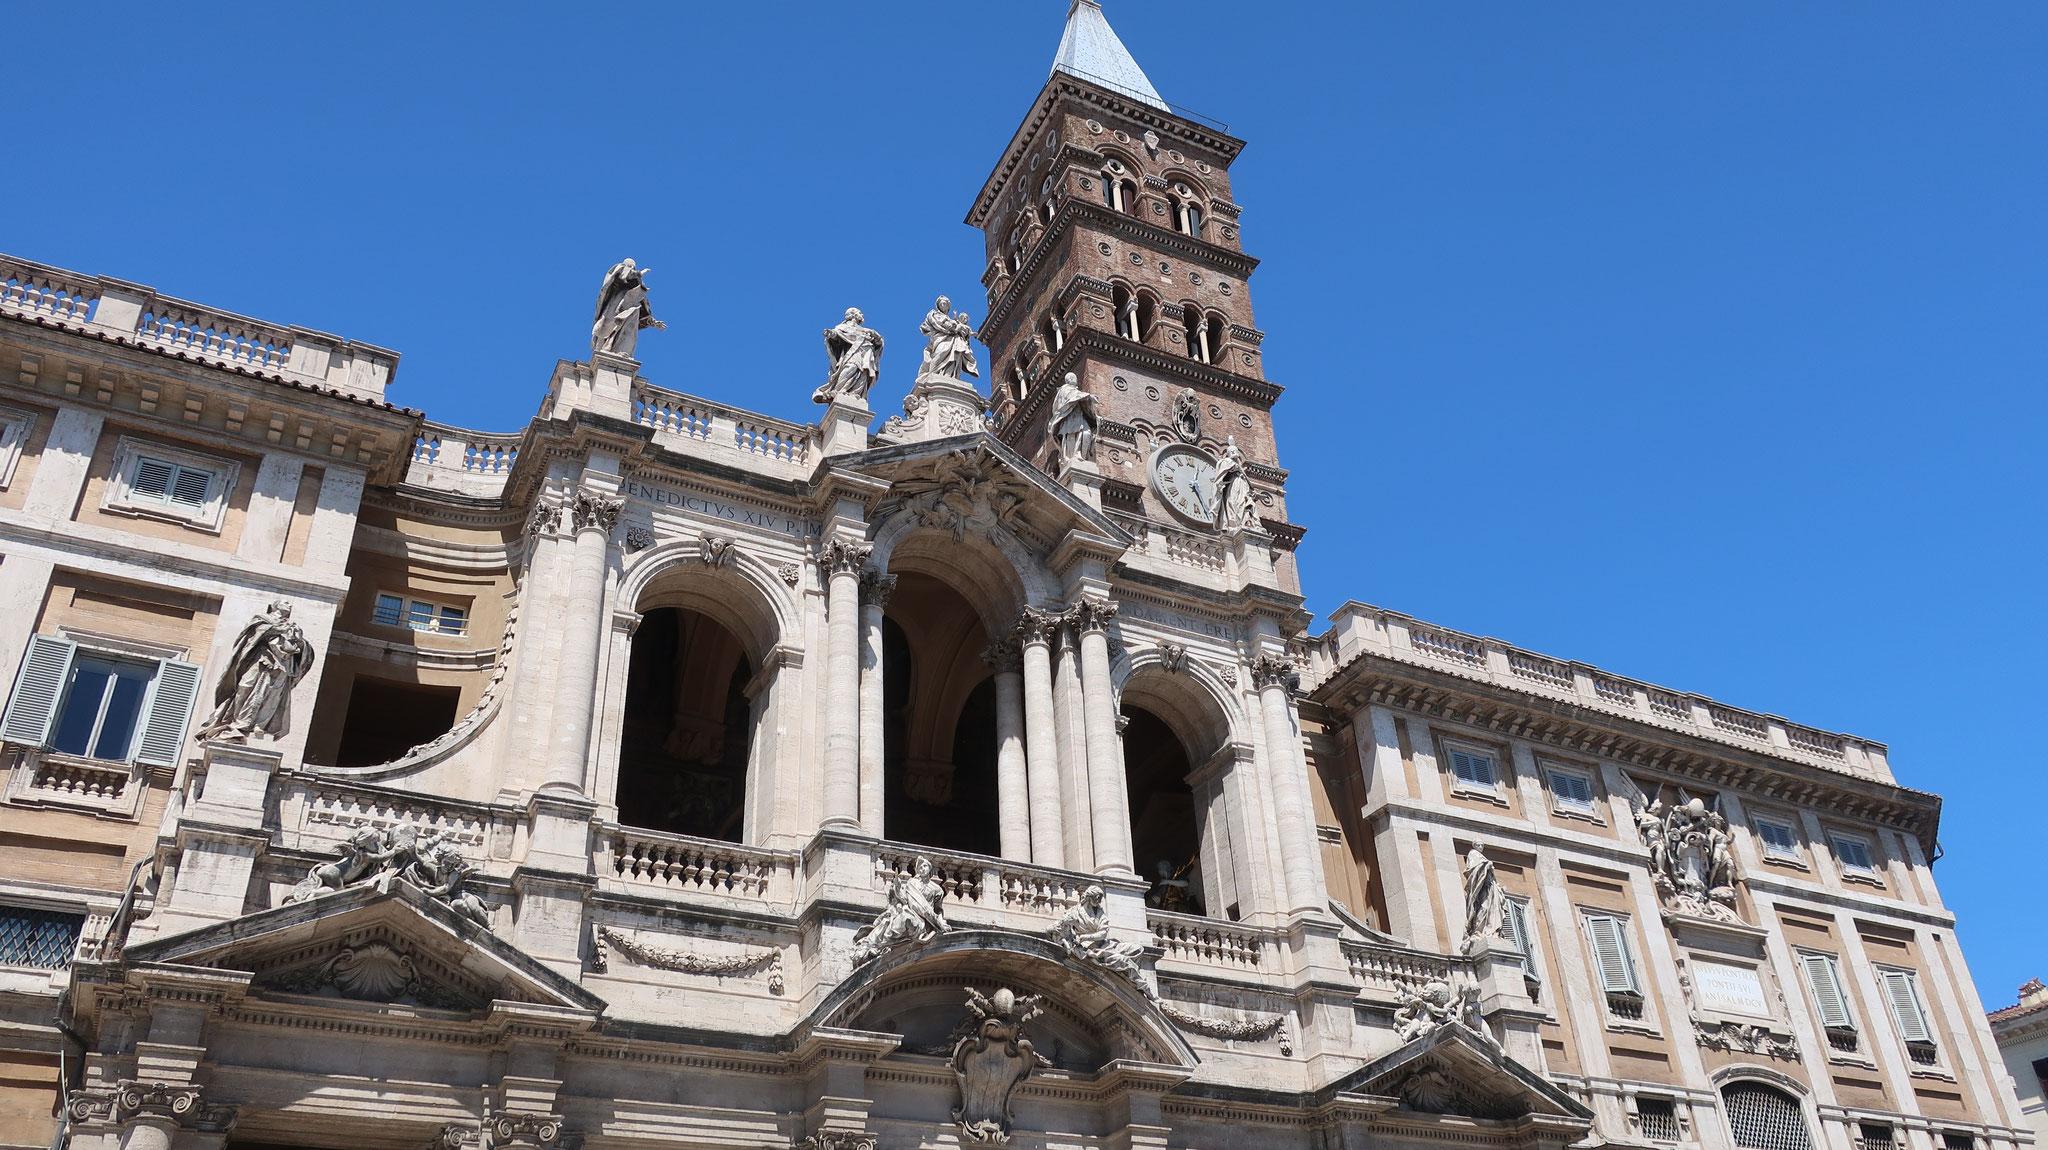 サンタ・マリア・マッジョーレ(偉大なる聖母マリア)大聖堂